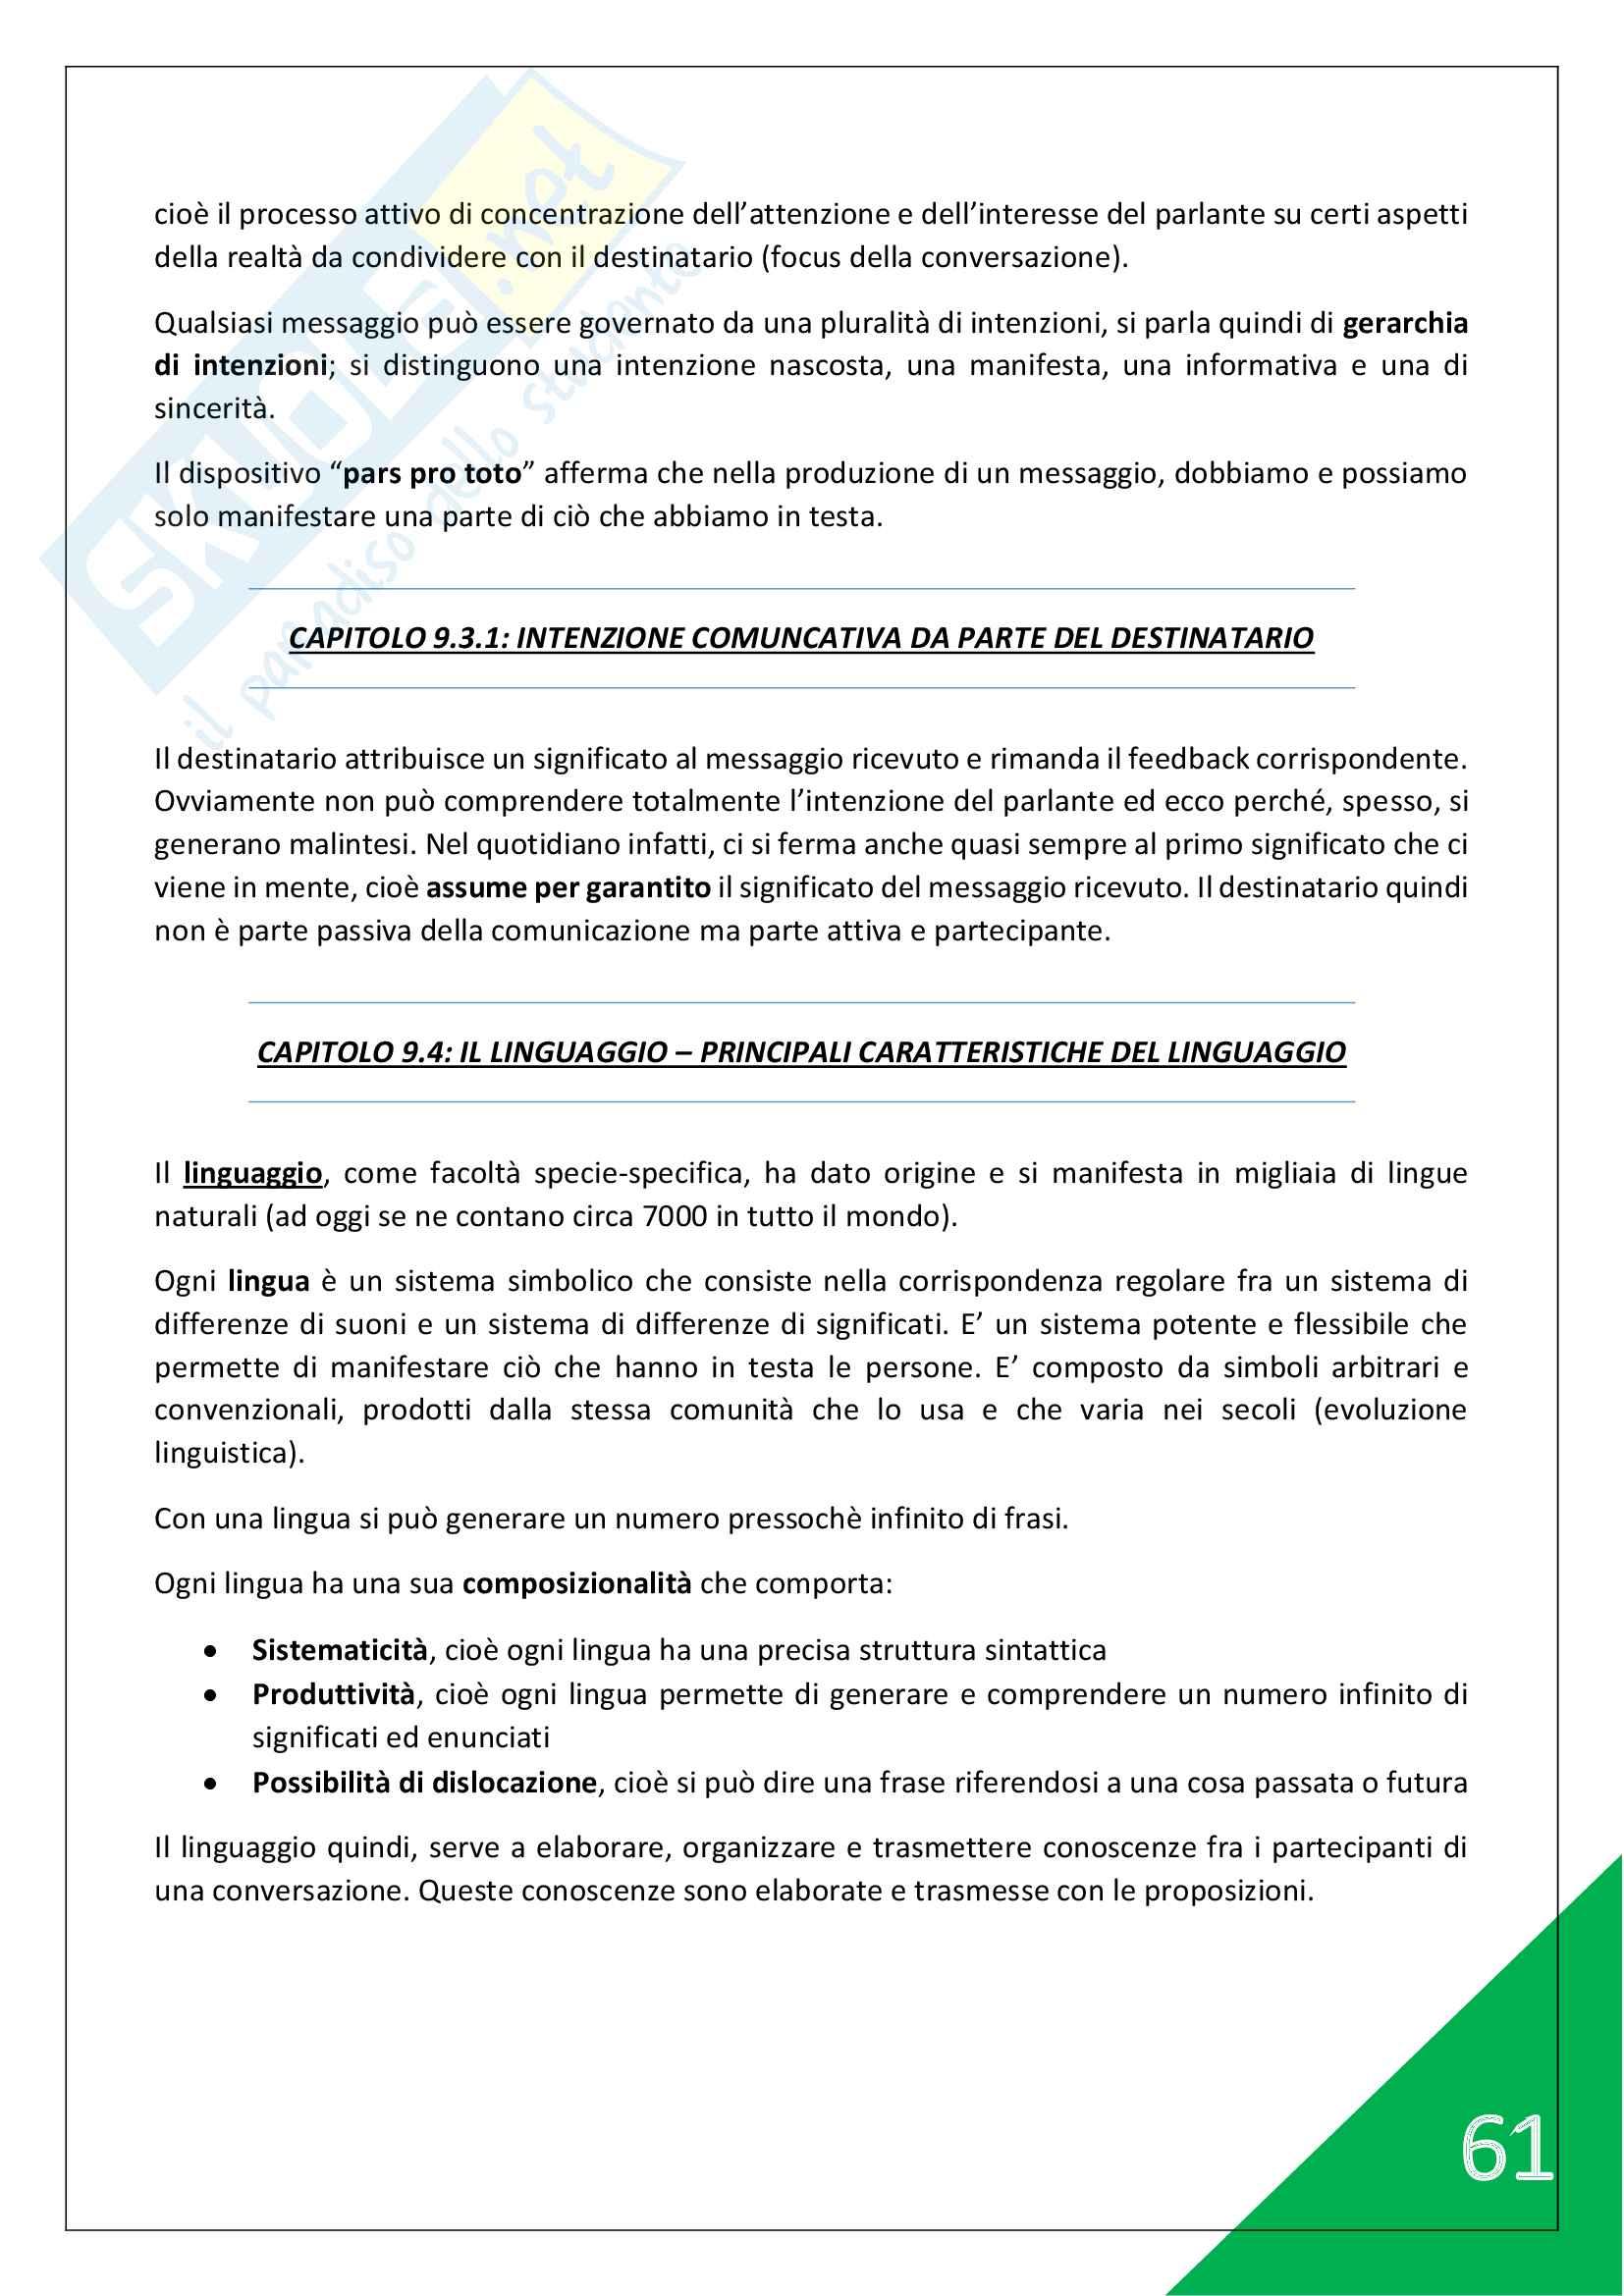 Psicologia generale e dello Sport - 1° Anno Scienze Motorie Pag. 61